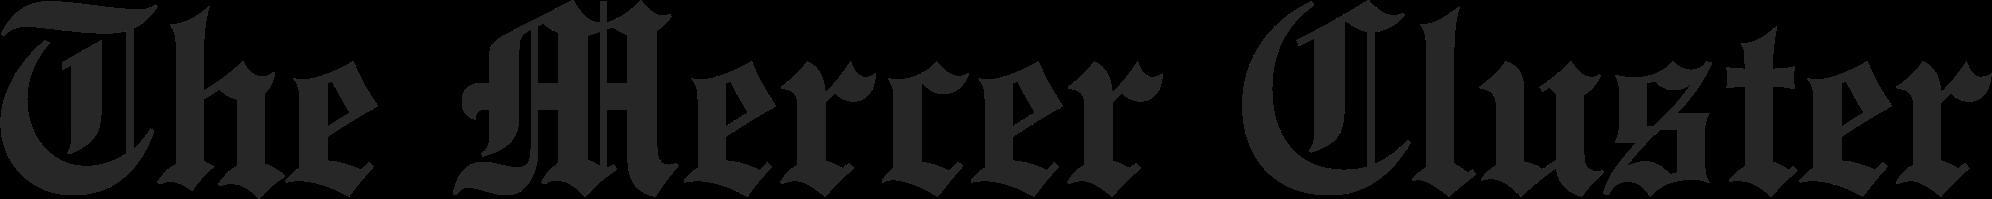 Logo of The Mercer Cluster